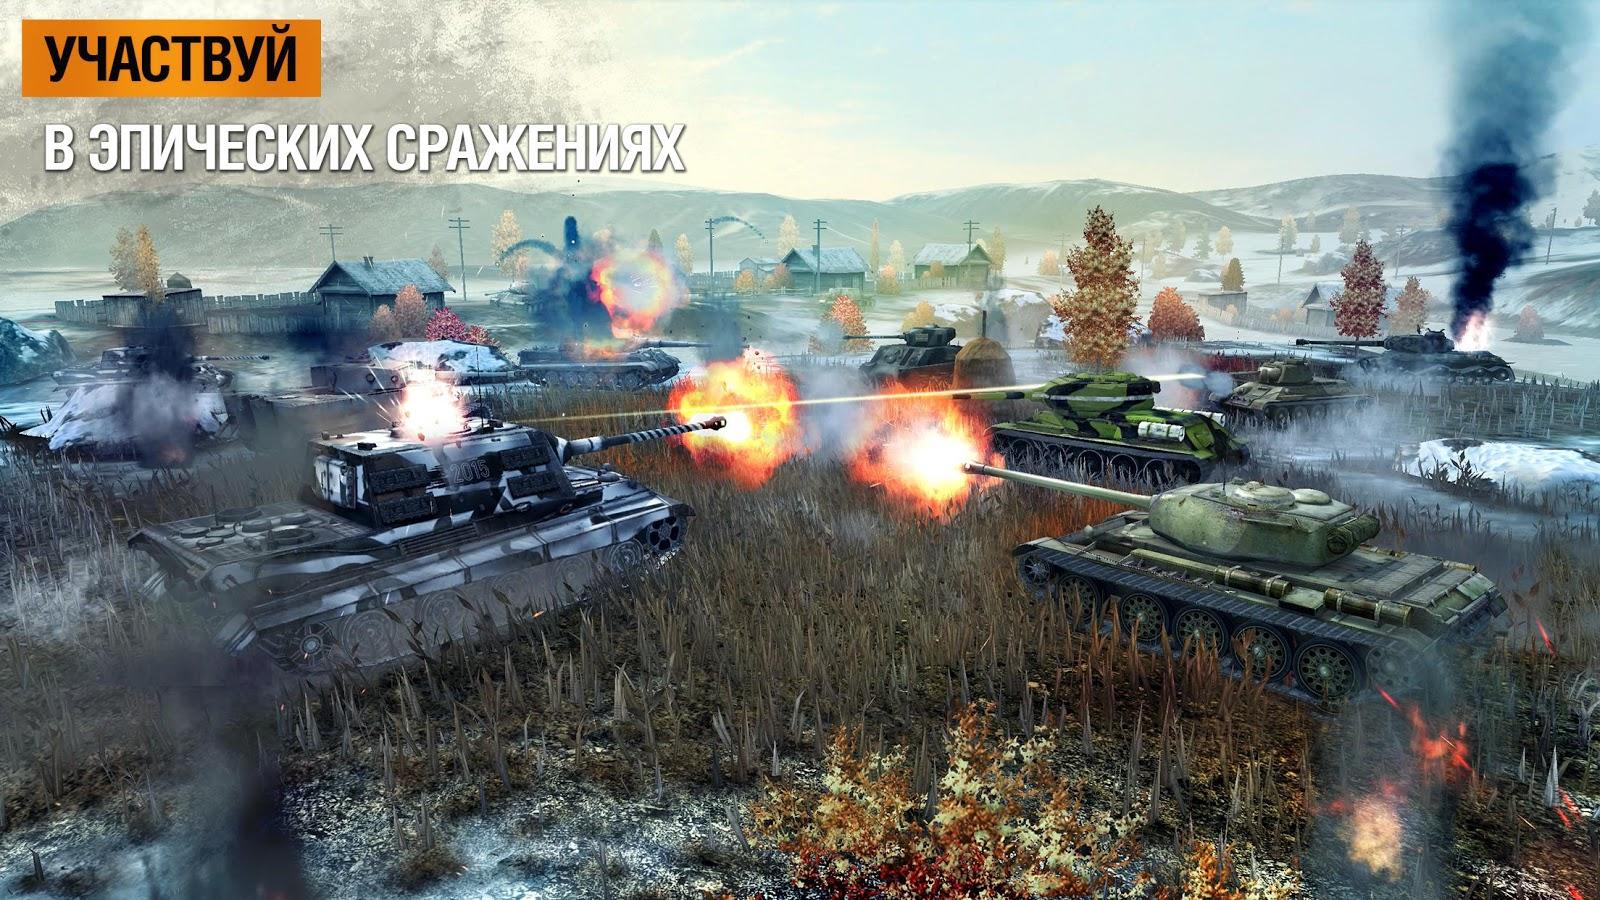 Скачать world of tanks blitz 6. 10. 0 для android.